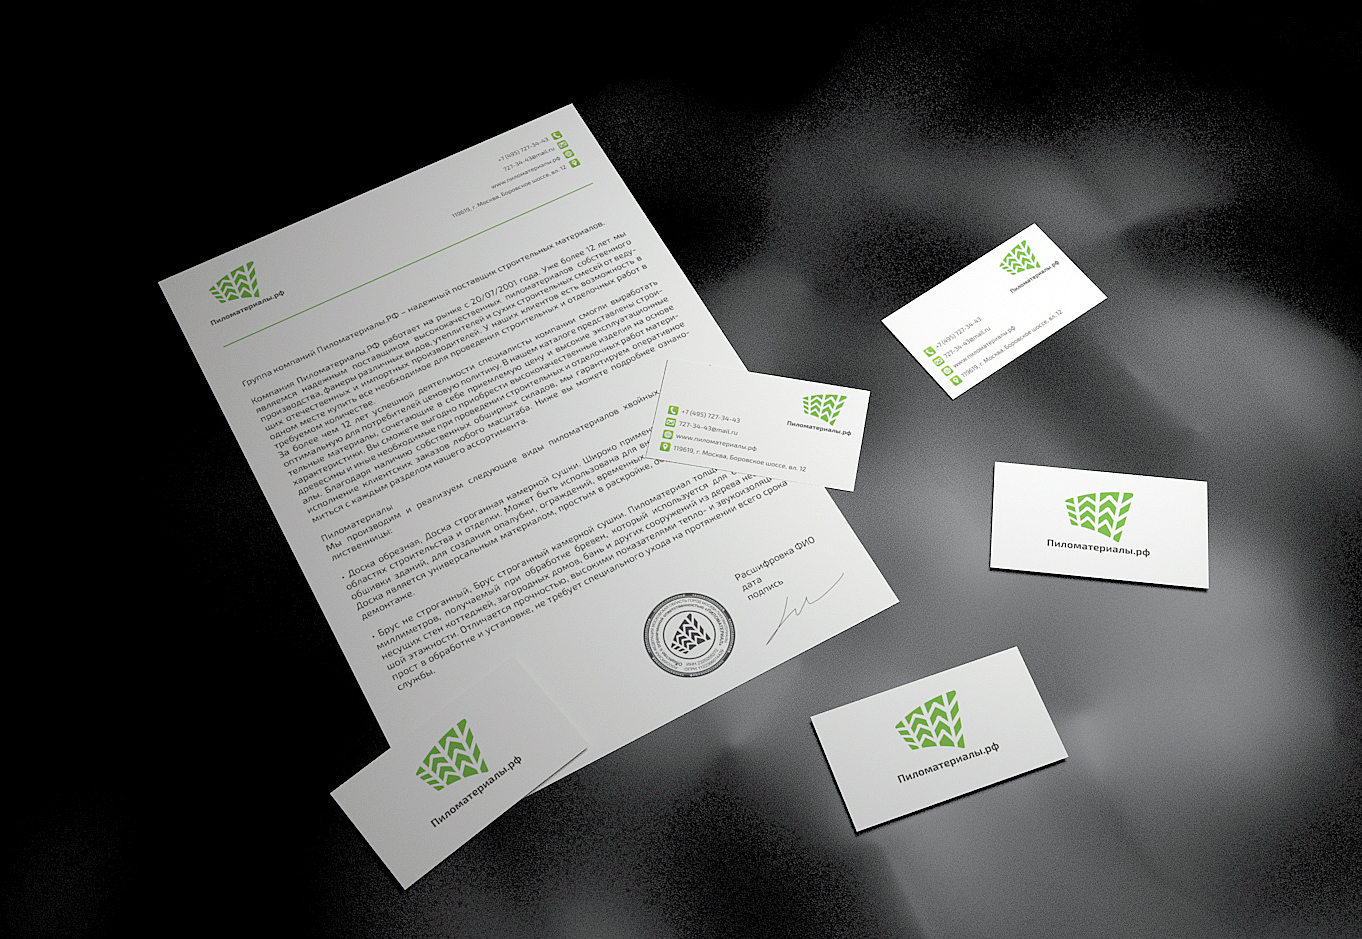 """Создание логотипа и фирменного стиля """"Пиломатериалы.РФ"""" фото f_10553024408bae0d.jpg"""